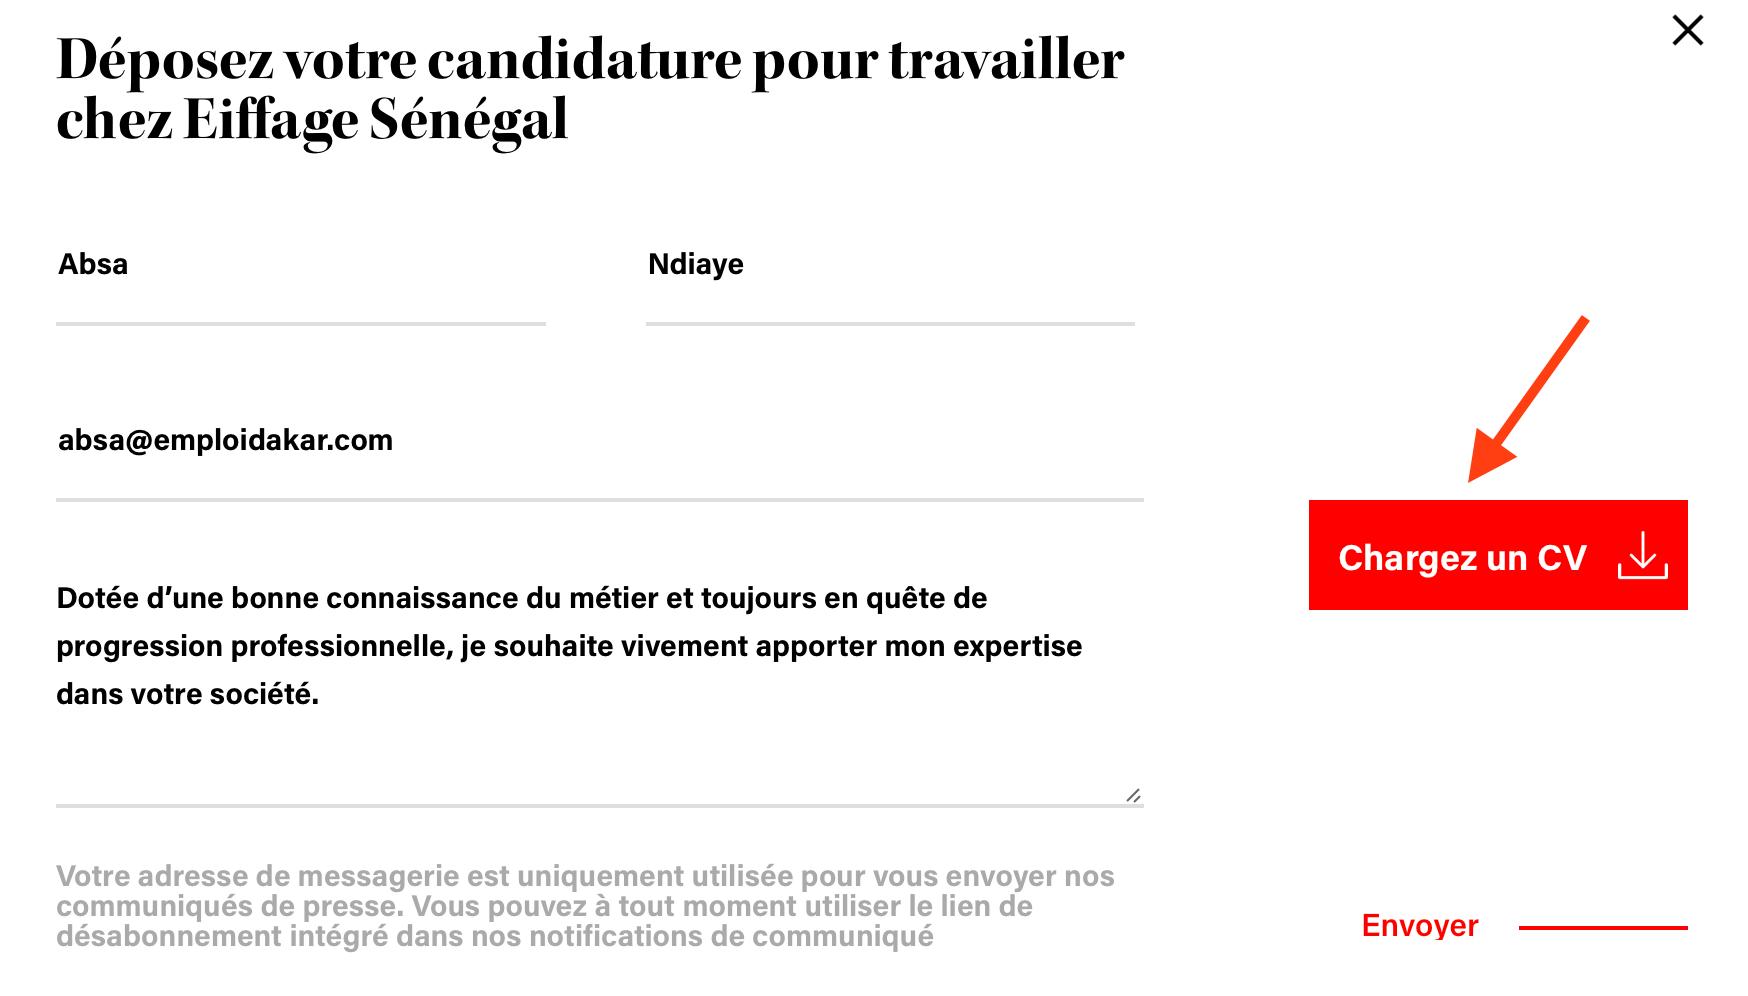 Comment postuler une demande d'emploi chez Eiffage Sénégal? - iemplois